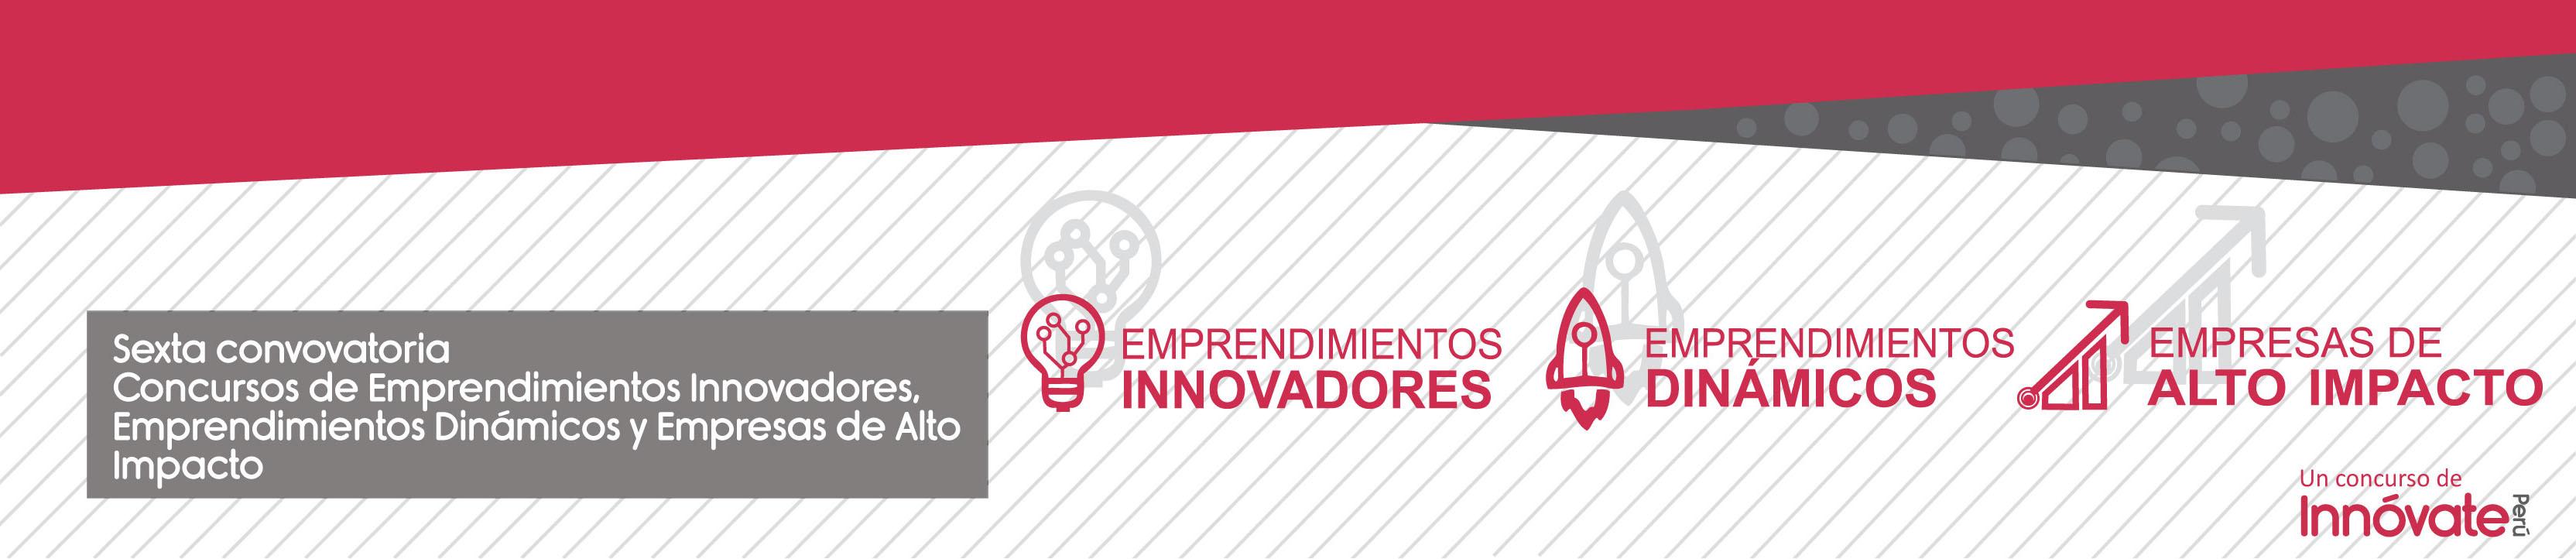 Concursos para Emprendimiento